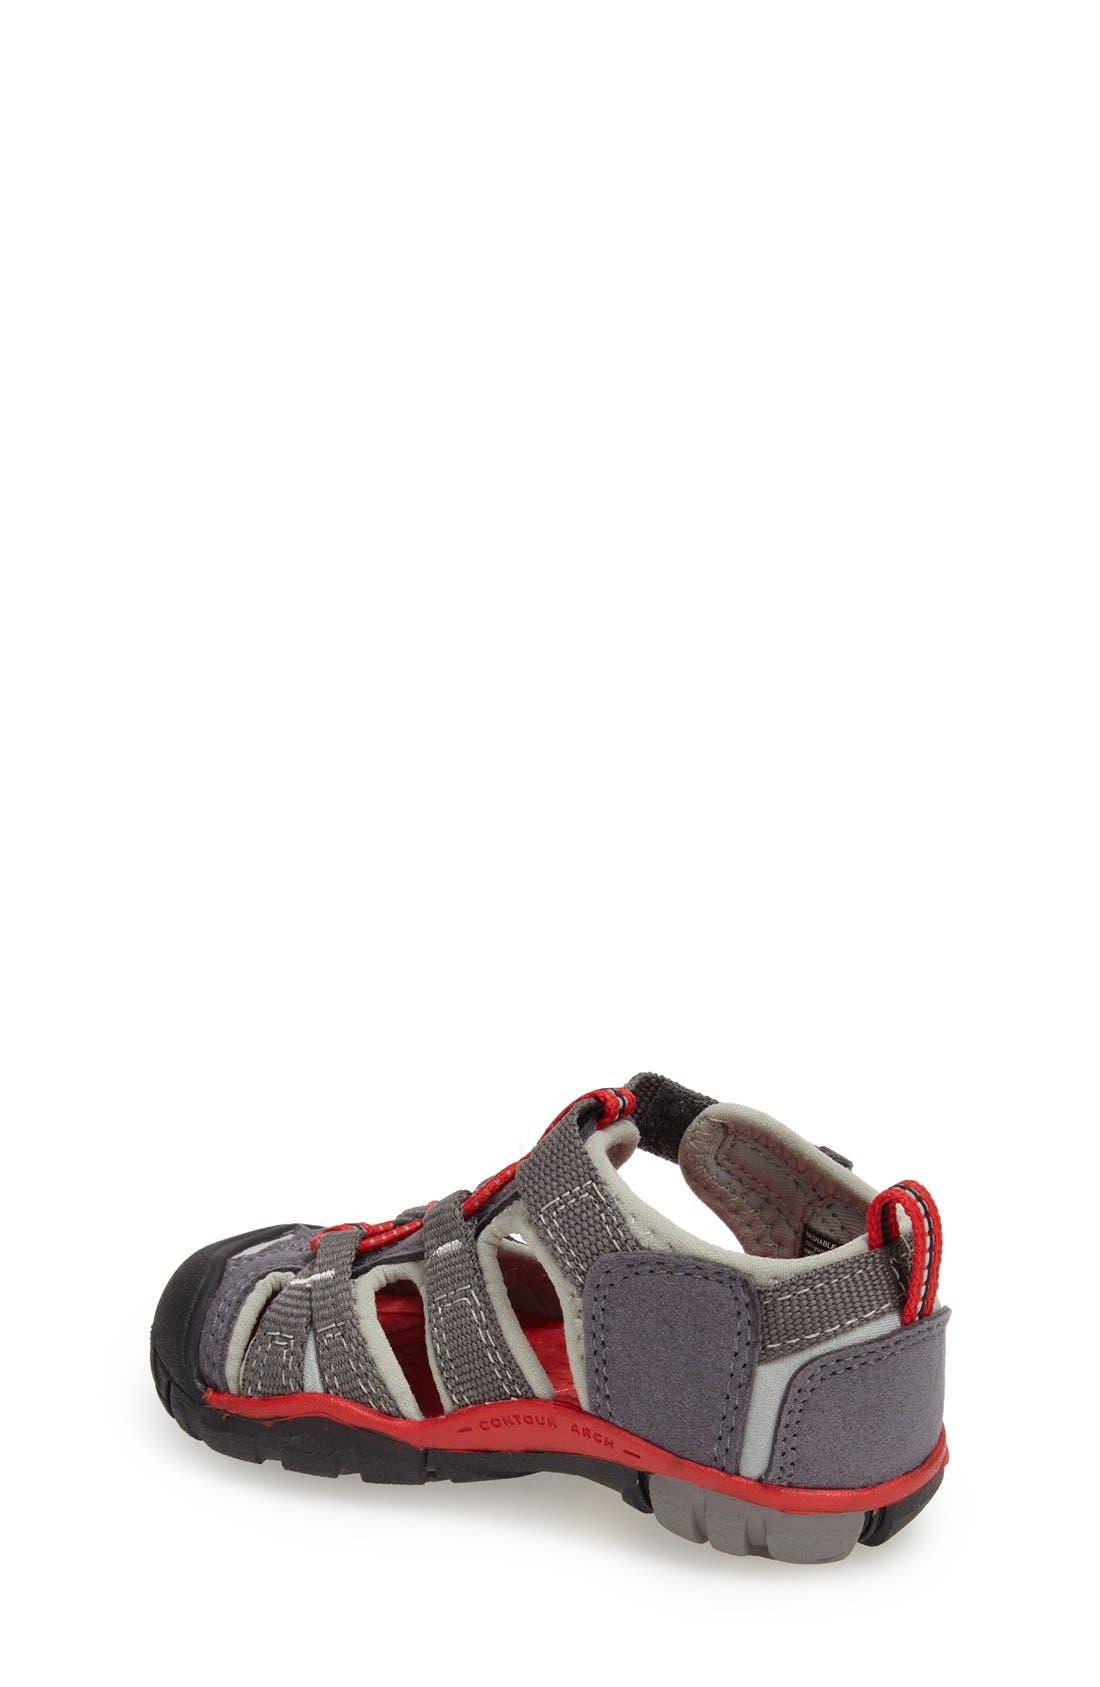 Alternate Image 2  - Keen 'Seacamp II' Waterproof Sandal (Baby & Walker)